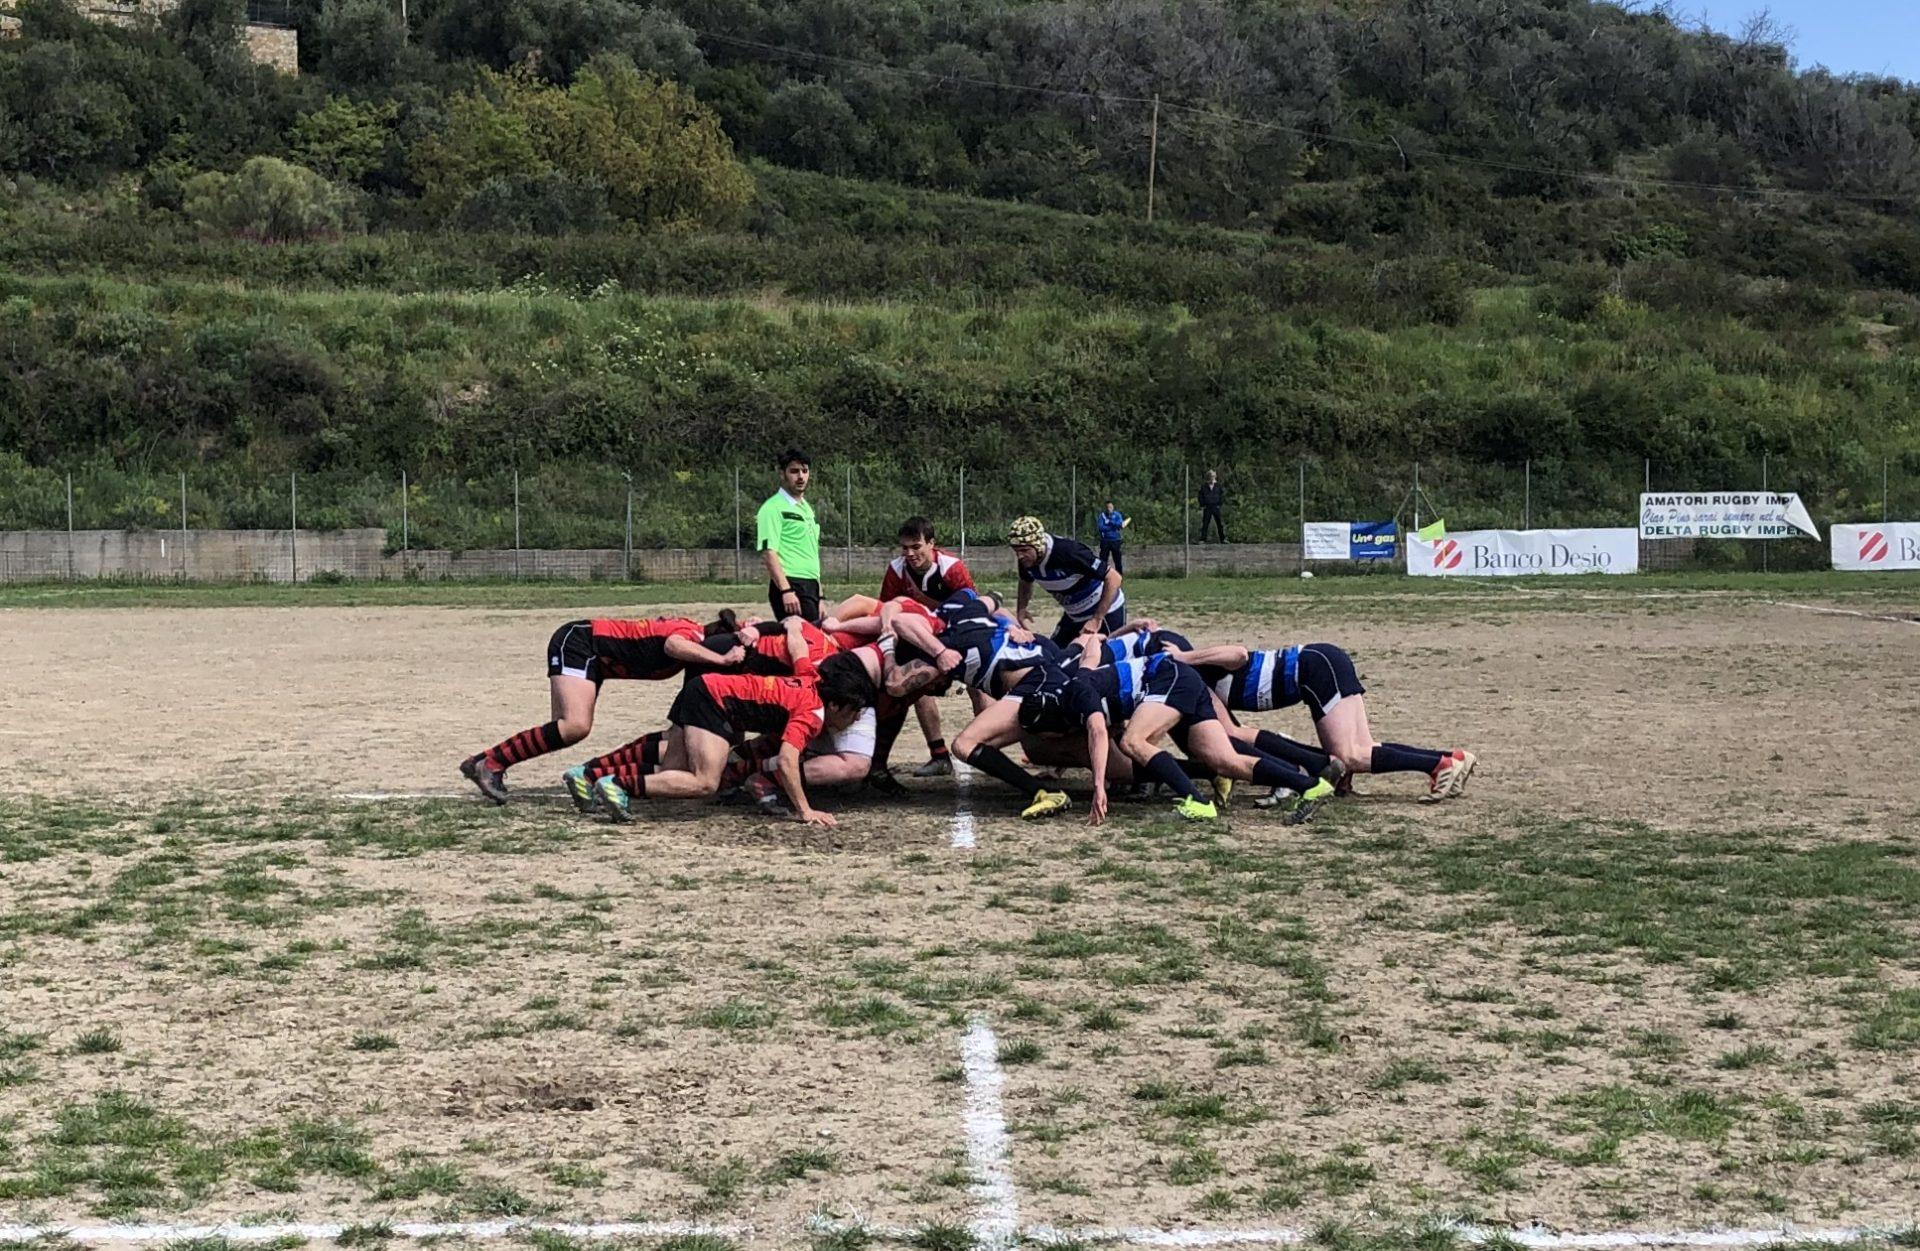 Union Riviera Stade Valdotain